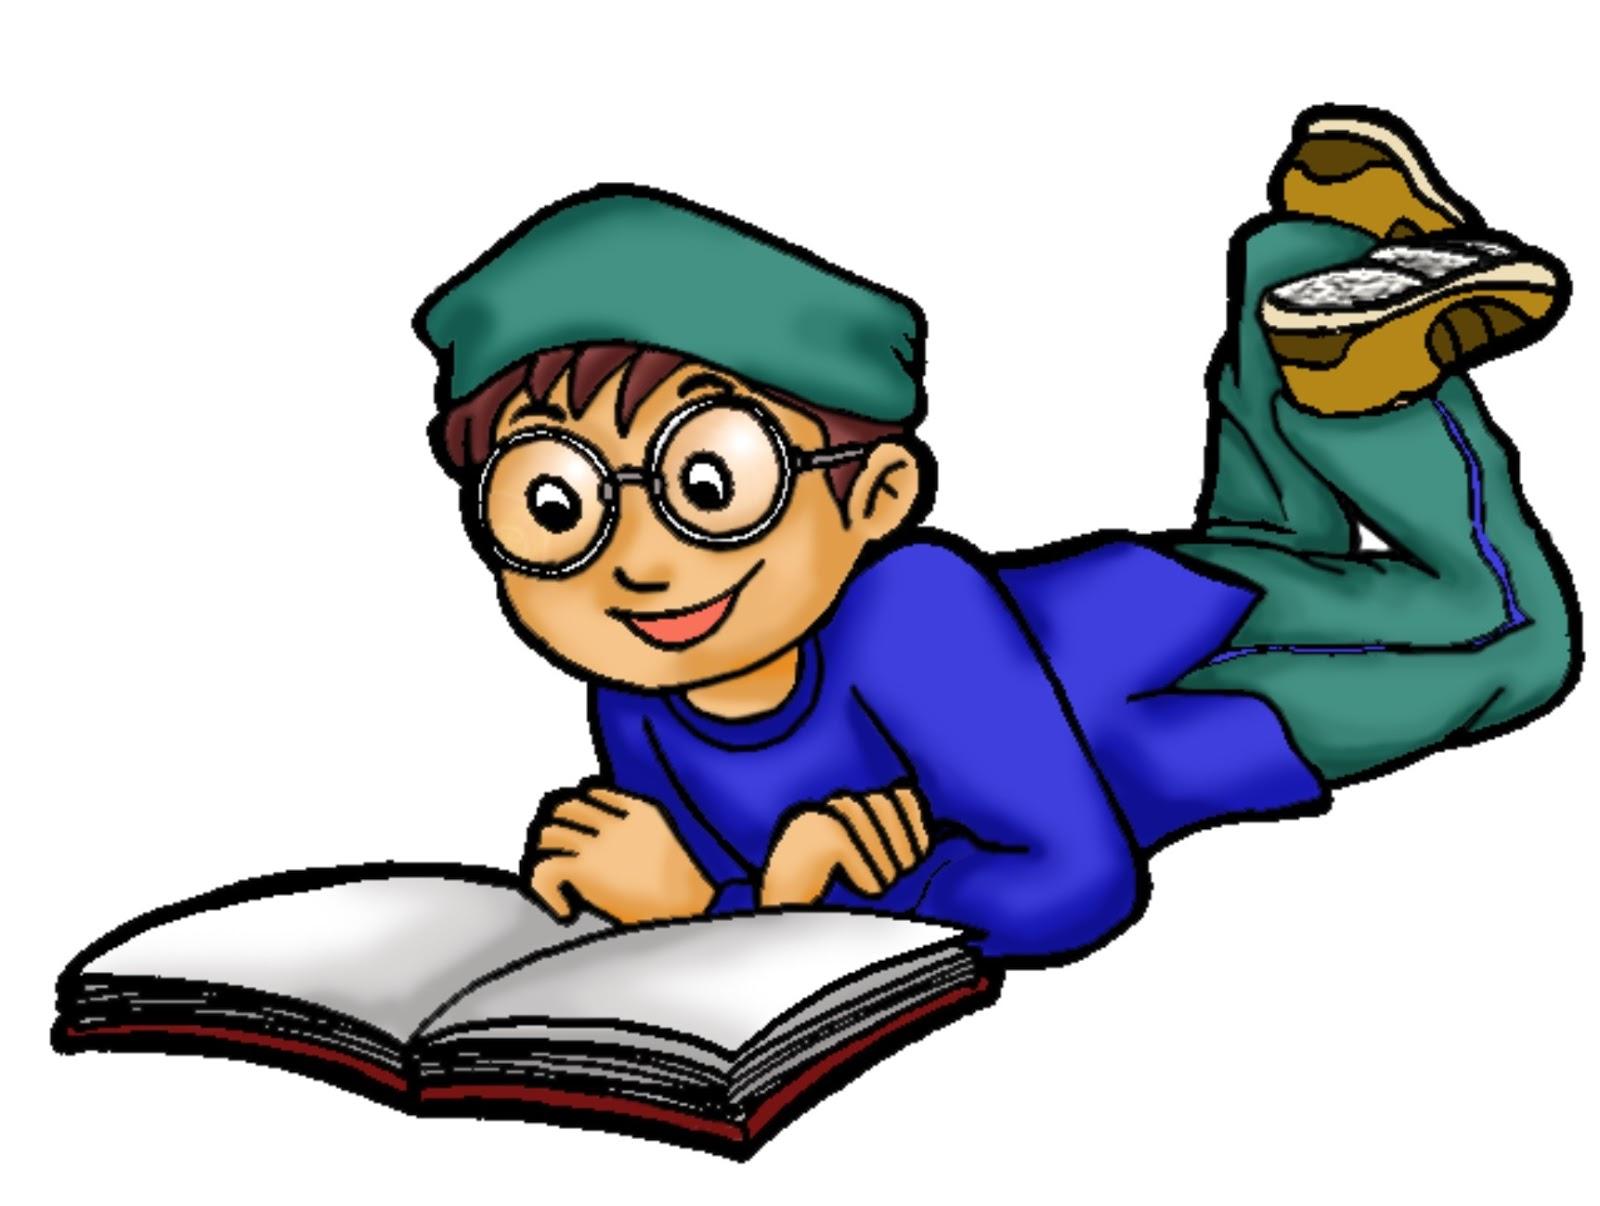 Download 440 Gambar Animasi Kartun Anak Sekolah HD Free